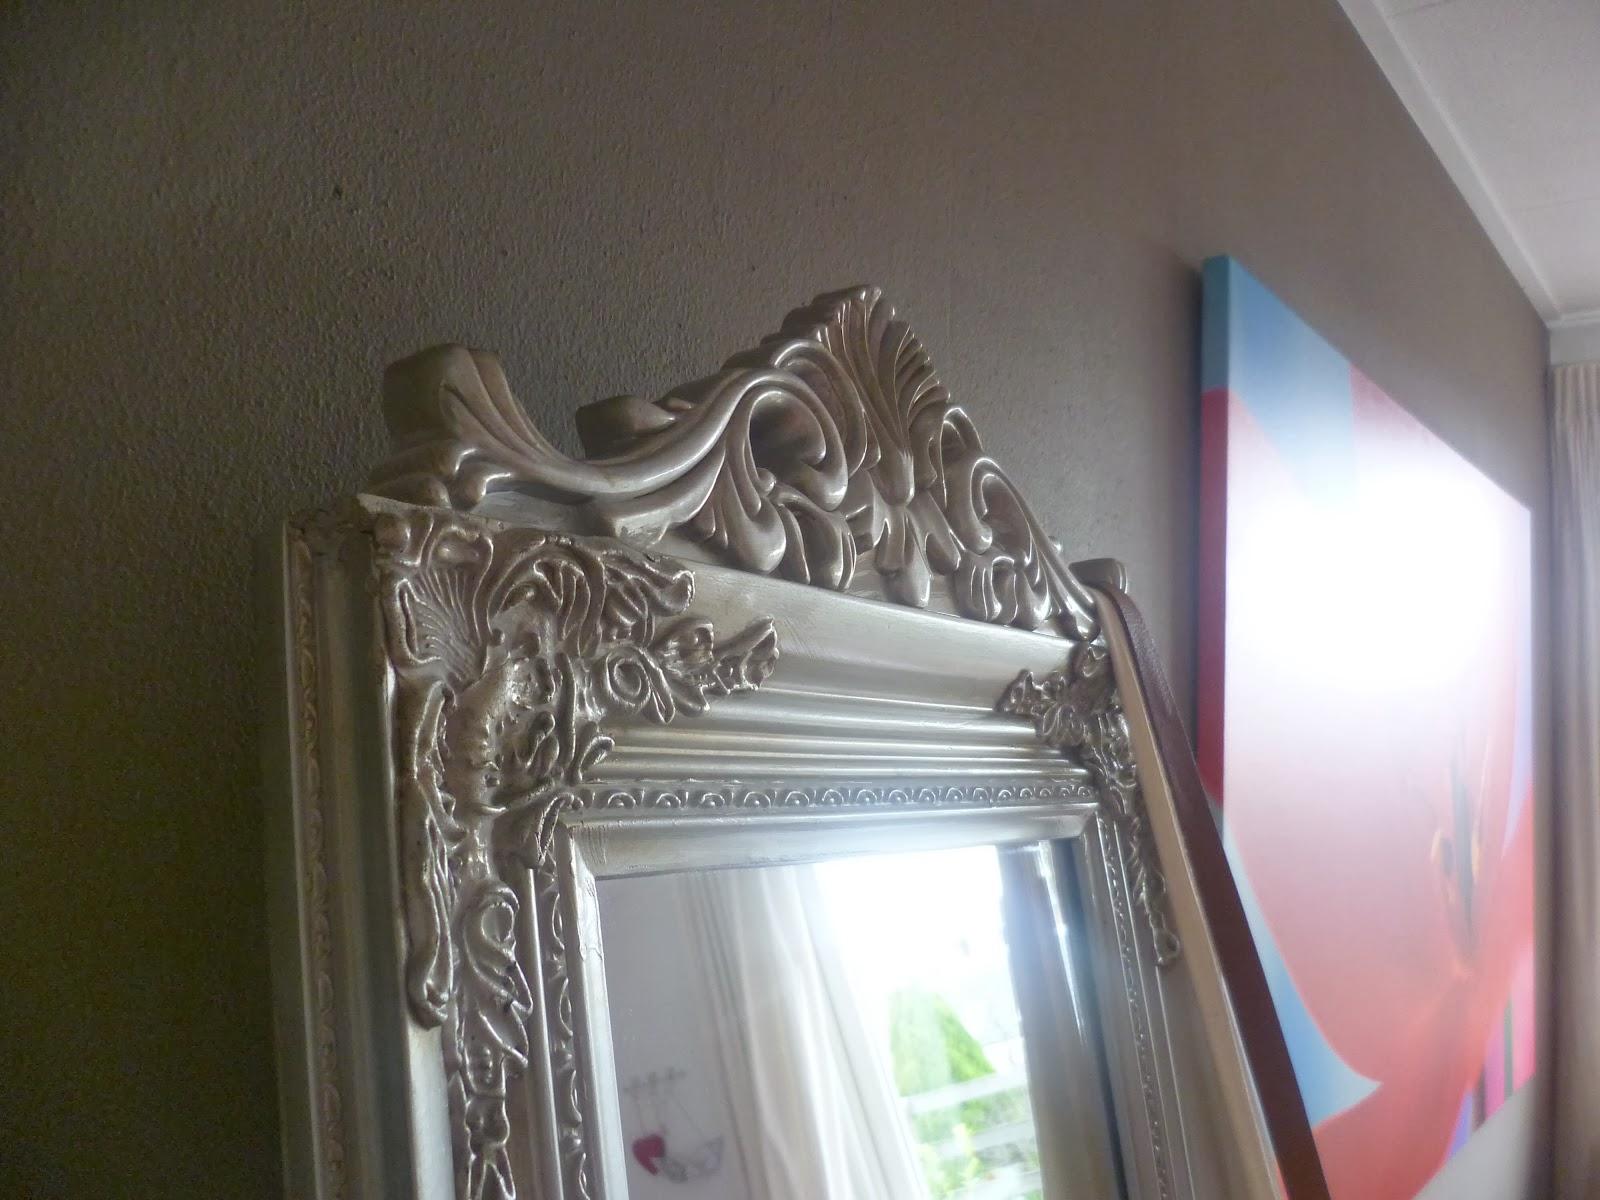 Barok Spiegel Xenos : Spiegelkast badkamer xenos staande juwelenkast met spiegel